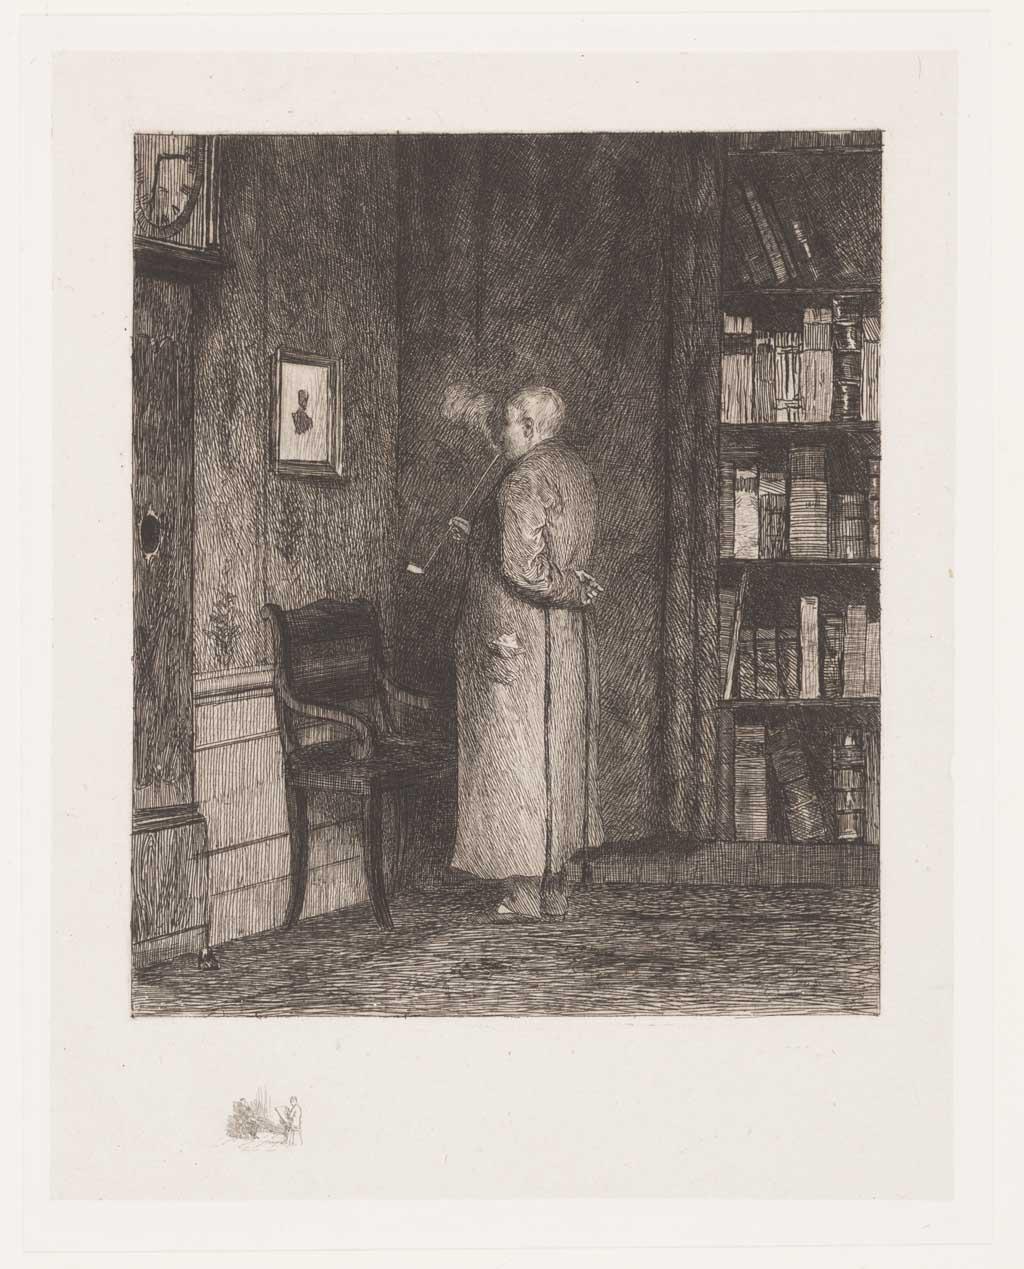 Interieur met pijp rokende man in kamerjas